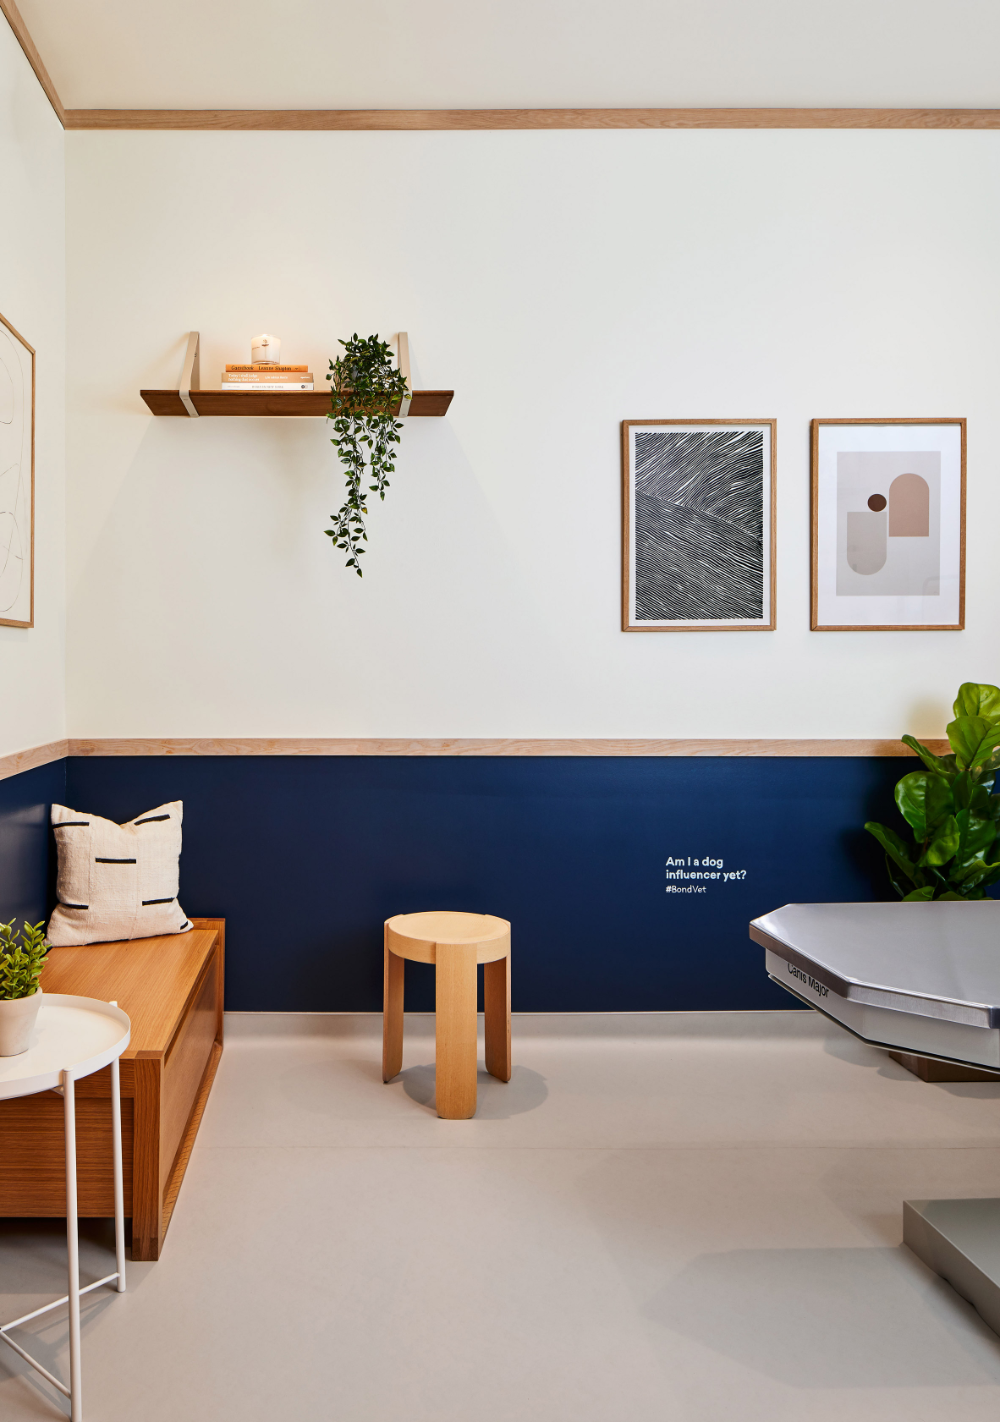 Islyn Studio creates soothing atmosphere in Brooklyn's